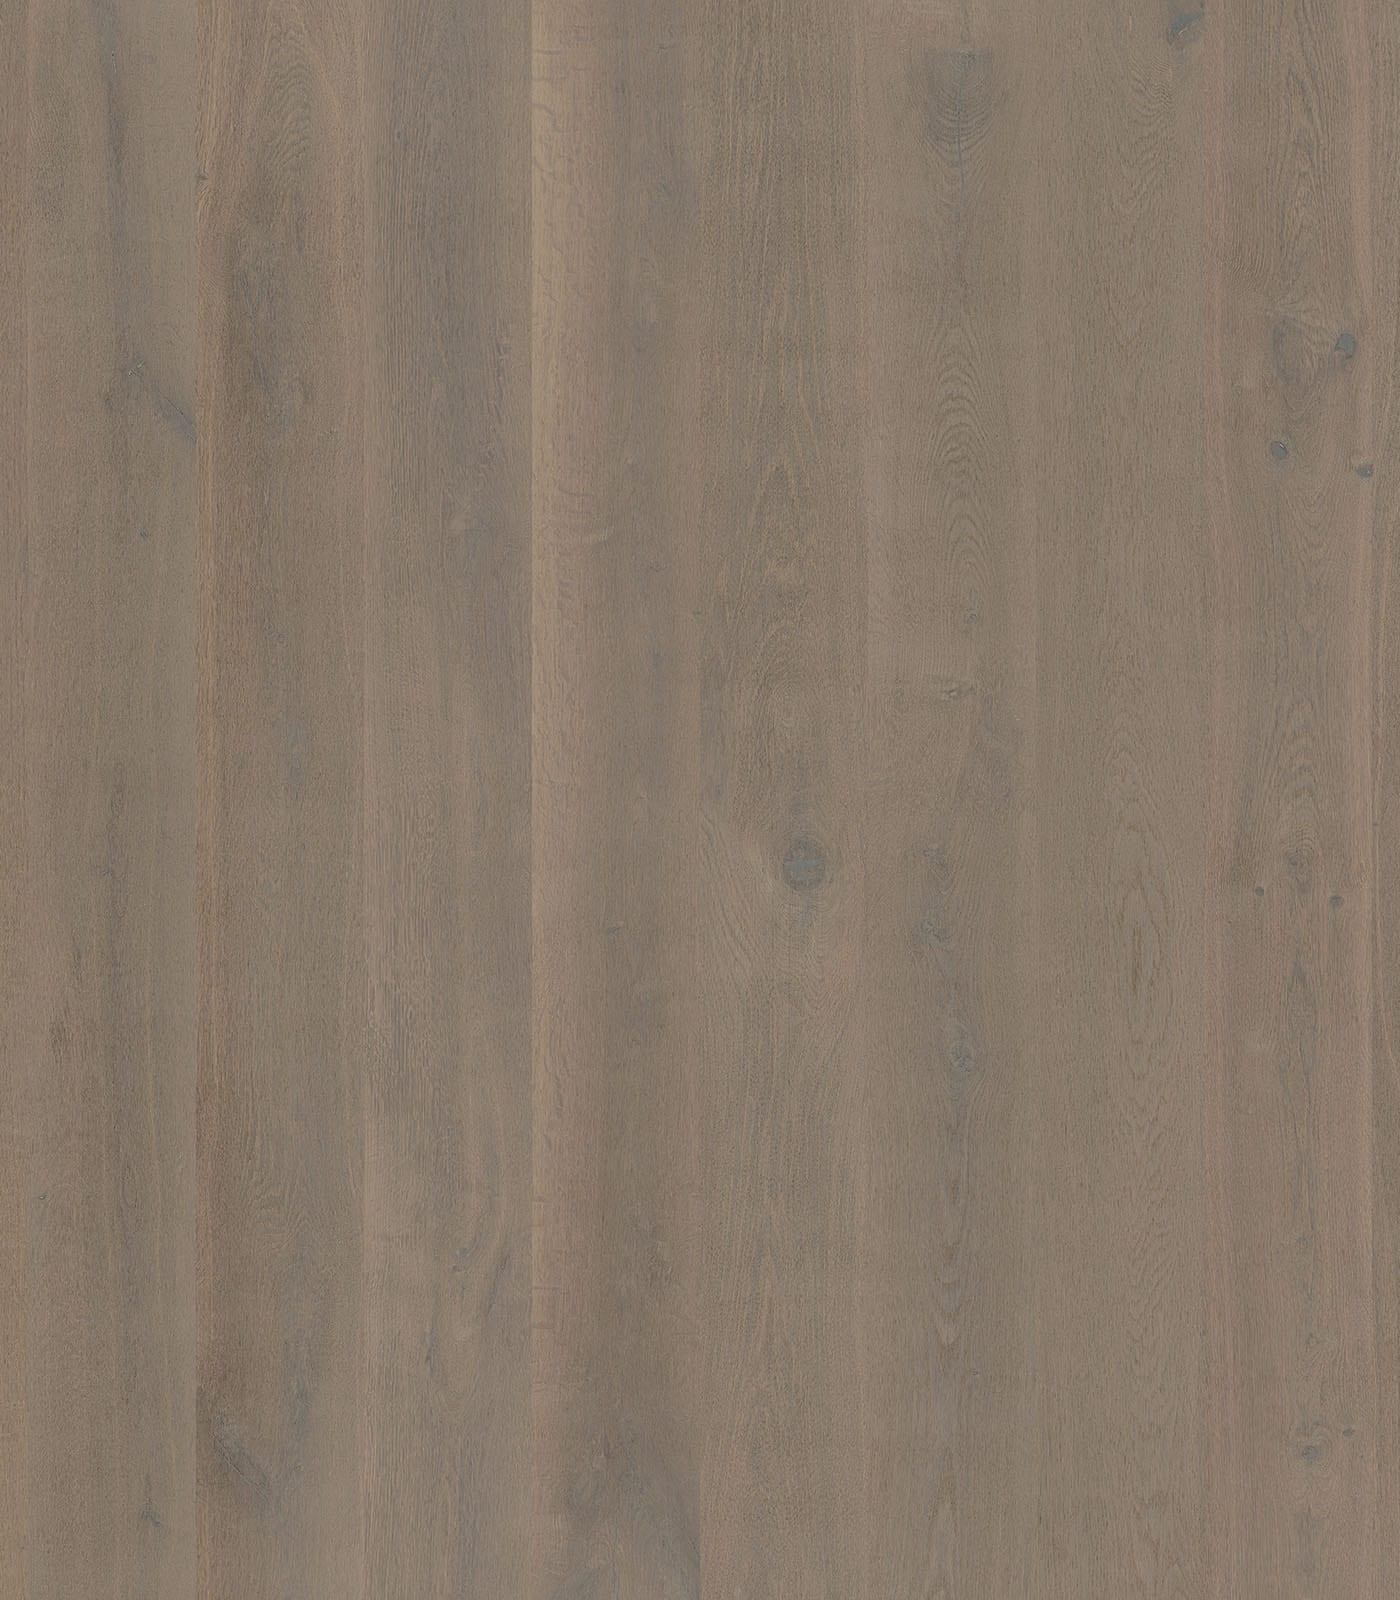 Seychelles-Lifestyle Collection-European Oak Floors-flat